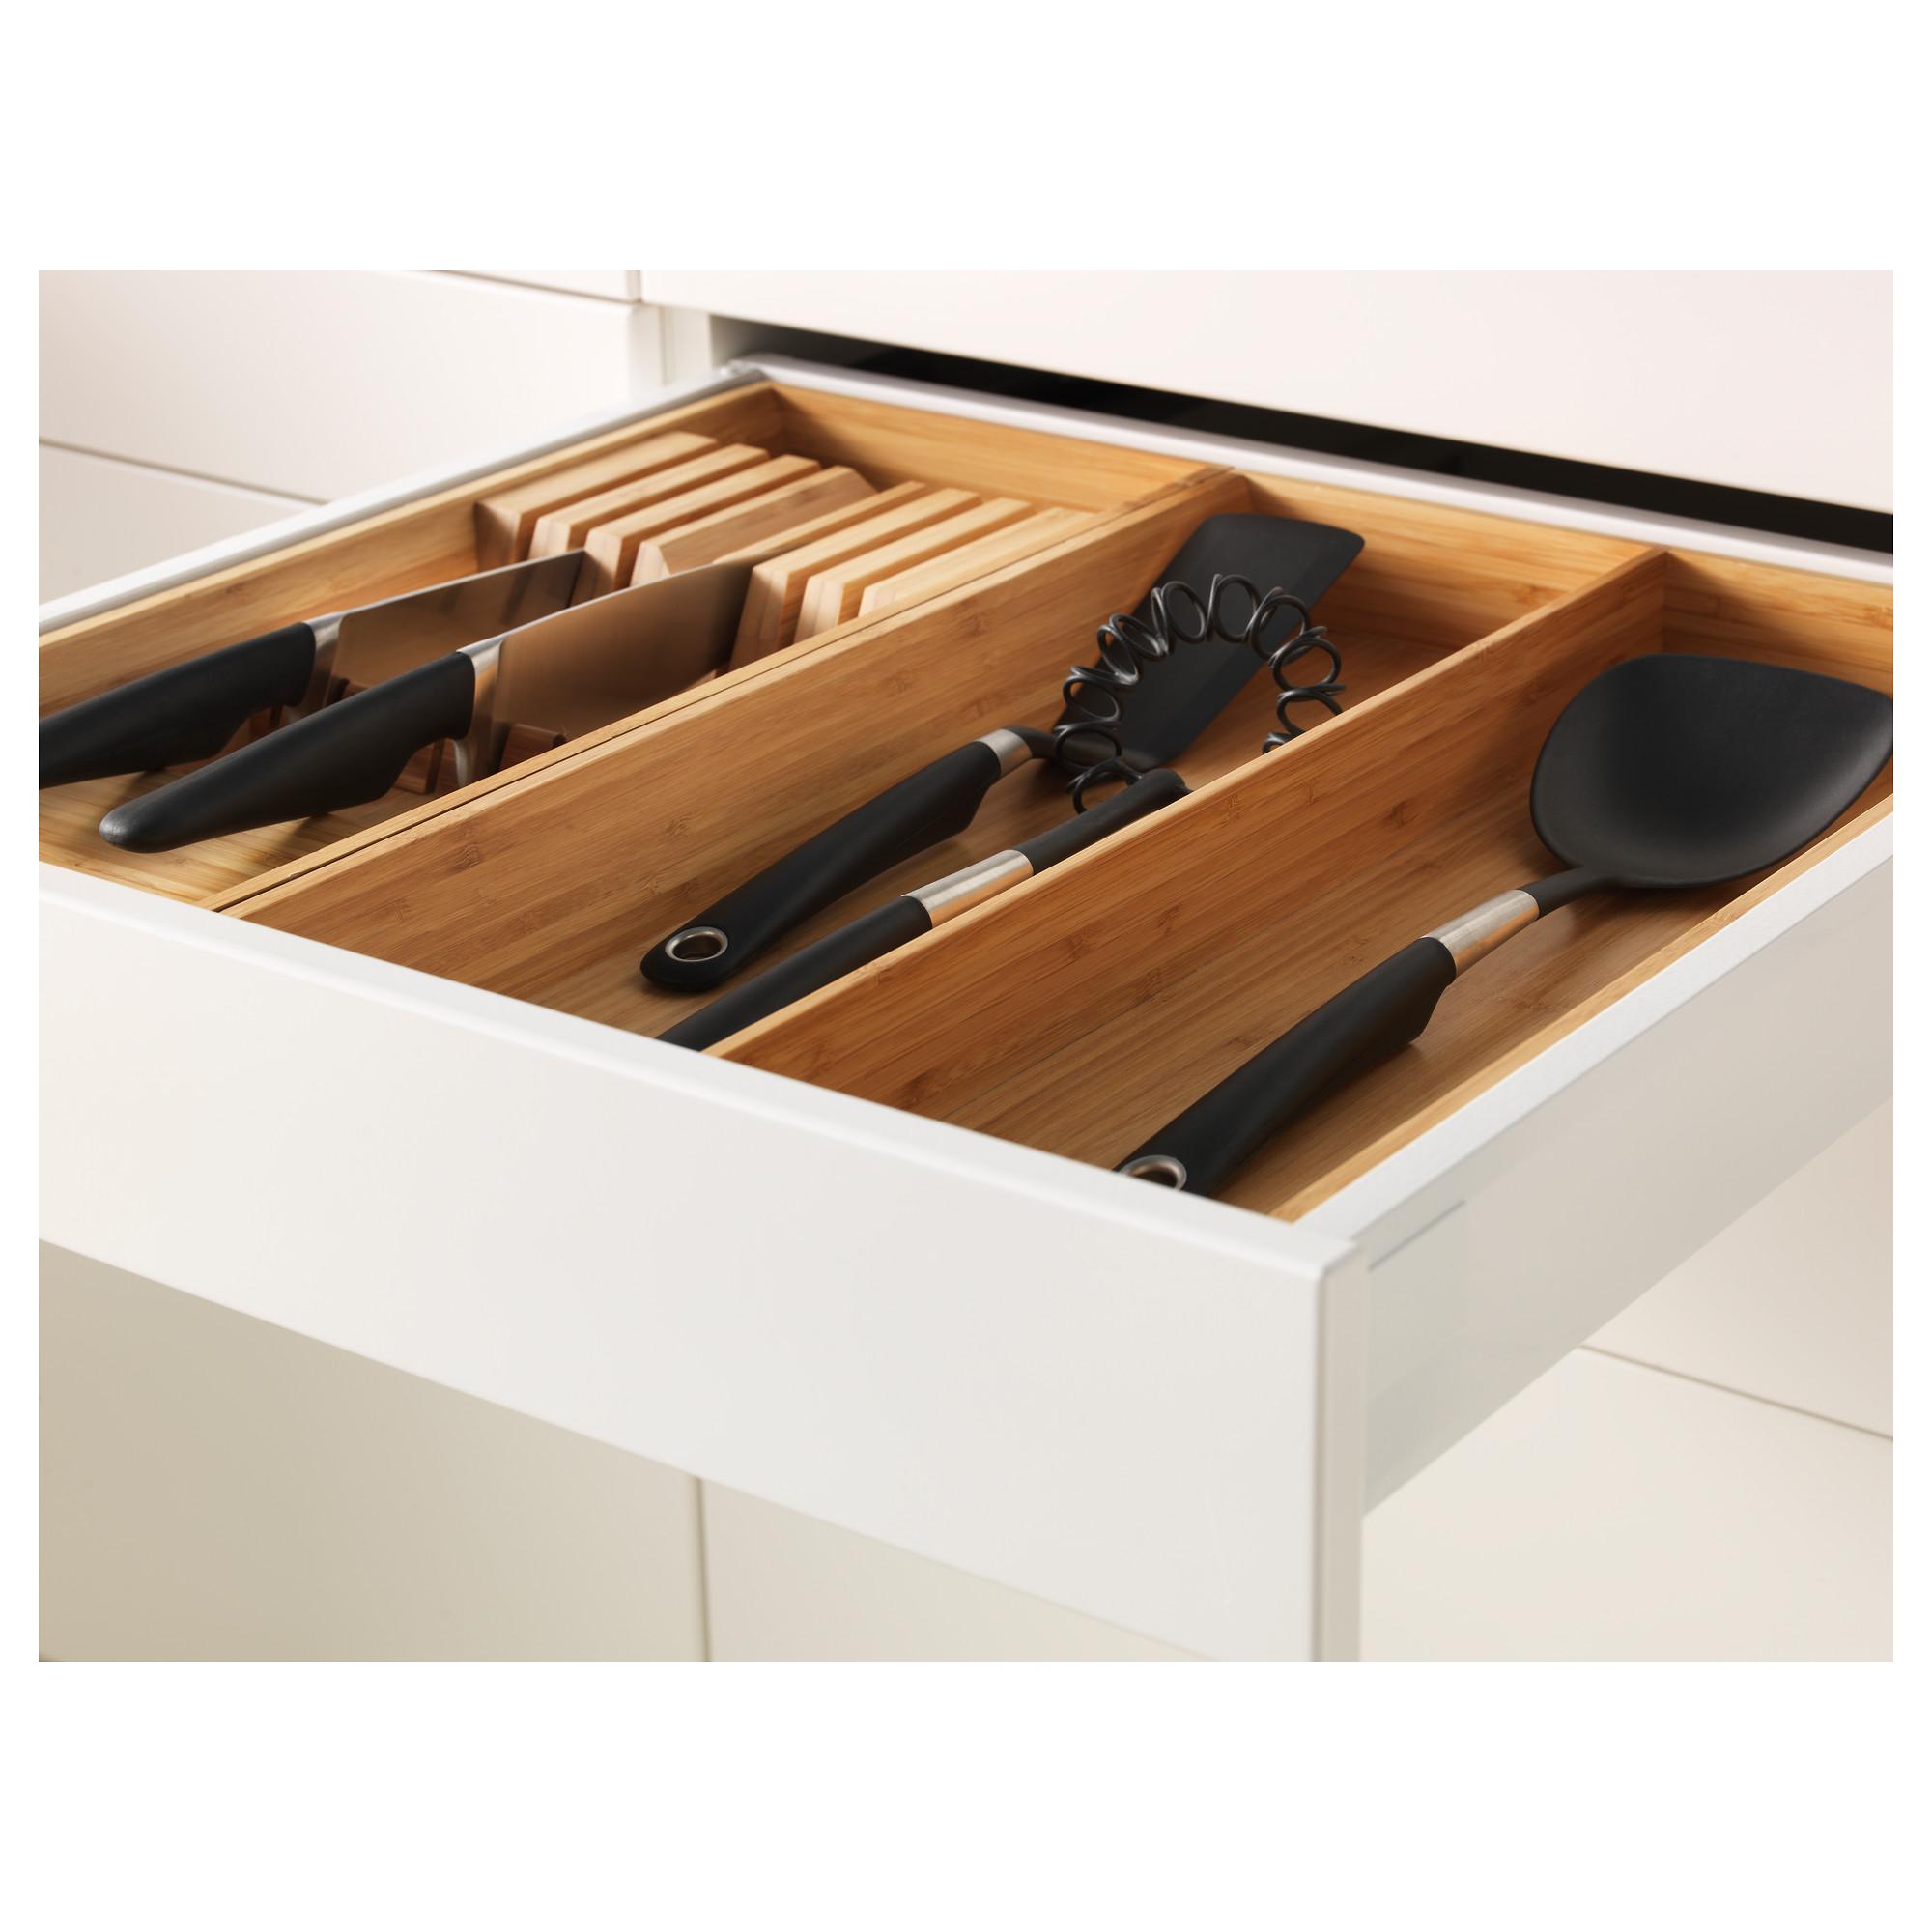 Высокий шкаф + полки, 5 ящиков, 2 дверцы, 2 фронтальных МЕТОД / МАКСИМЕРА белый артикуль № 992.328.69 в наличии. Онлайн каталог IKEA Минск. Быстрая доставка и соборка.